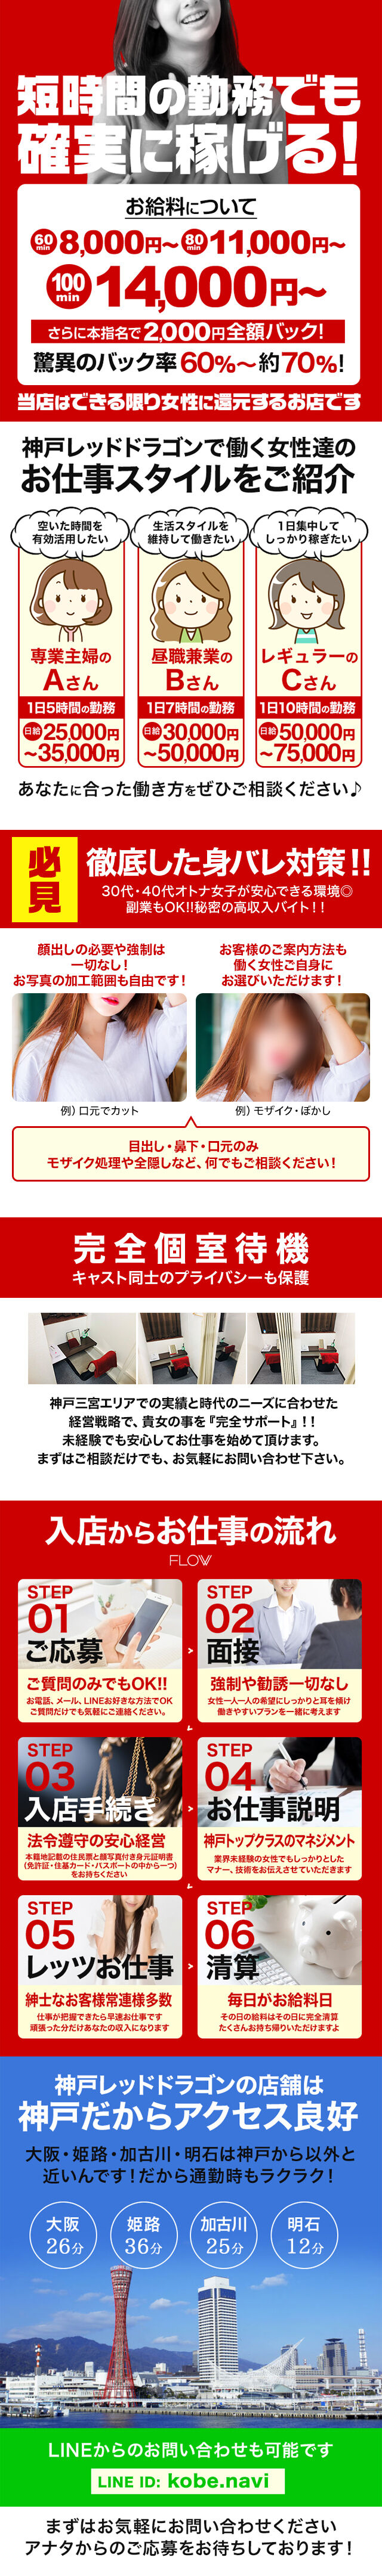 神戸レッドドラゴン女性求人急募インフォメーション